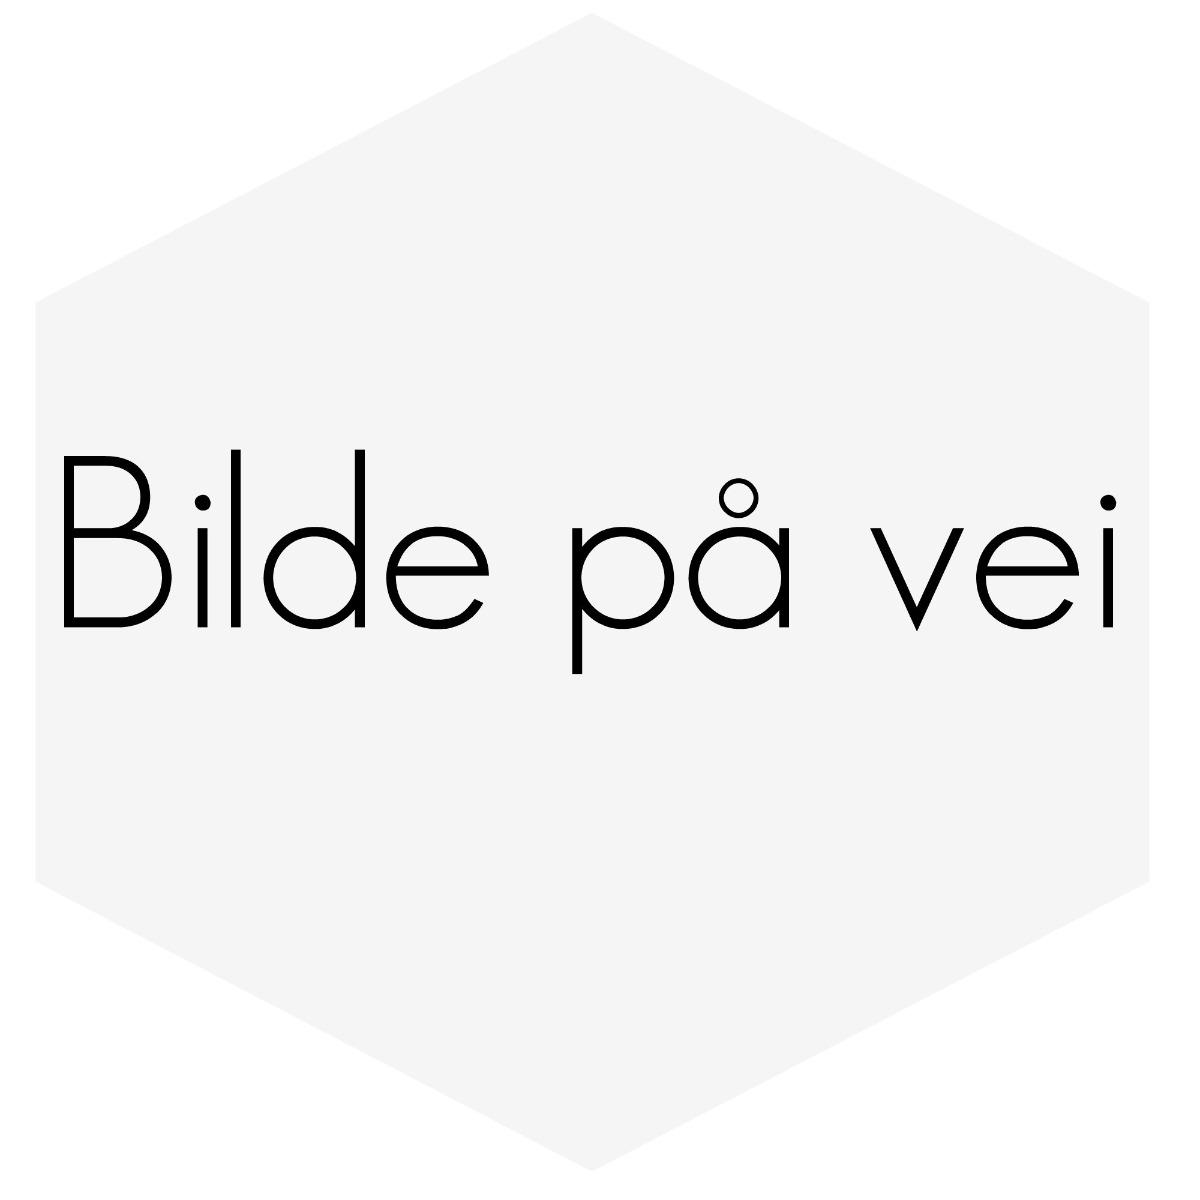 SILIKONSLANGE RØD FLEXIBEL GLATT 0,875'' (22MM)